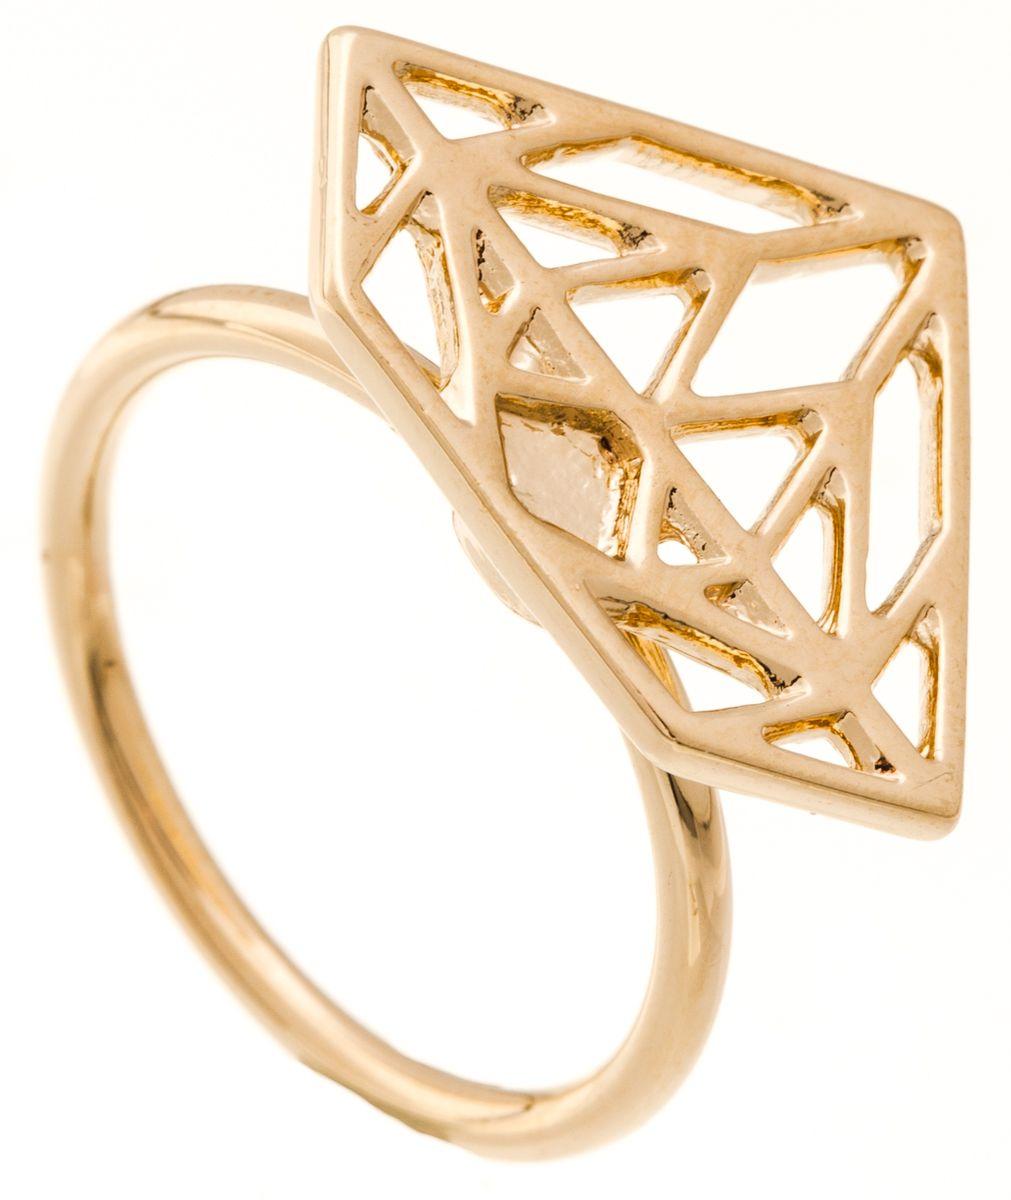 Кольцо Jenavi Young 2. Эпик, цвет: золотой. f661p090. Размер 18f661p090Изящное кольцо Jenavi из коллекции Young 2. Эпик изготовлено из ювелирного сплава с покрытием из позолоты. Изделие выполнено в необычном дизайне в форме треугольника. Стильное кольцо придаст вашему образу изюминку, подчеркнет индивидуальность.